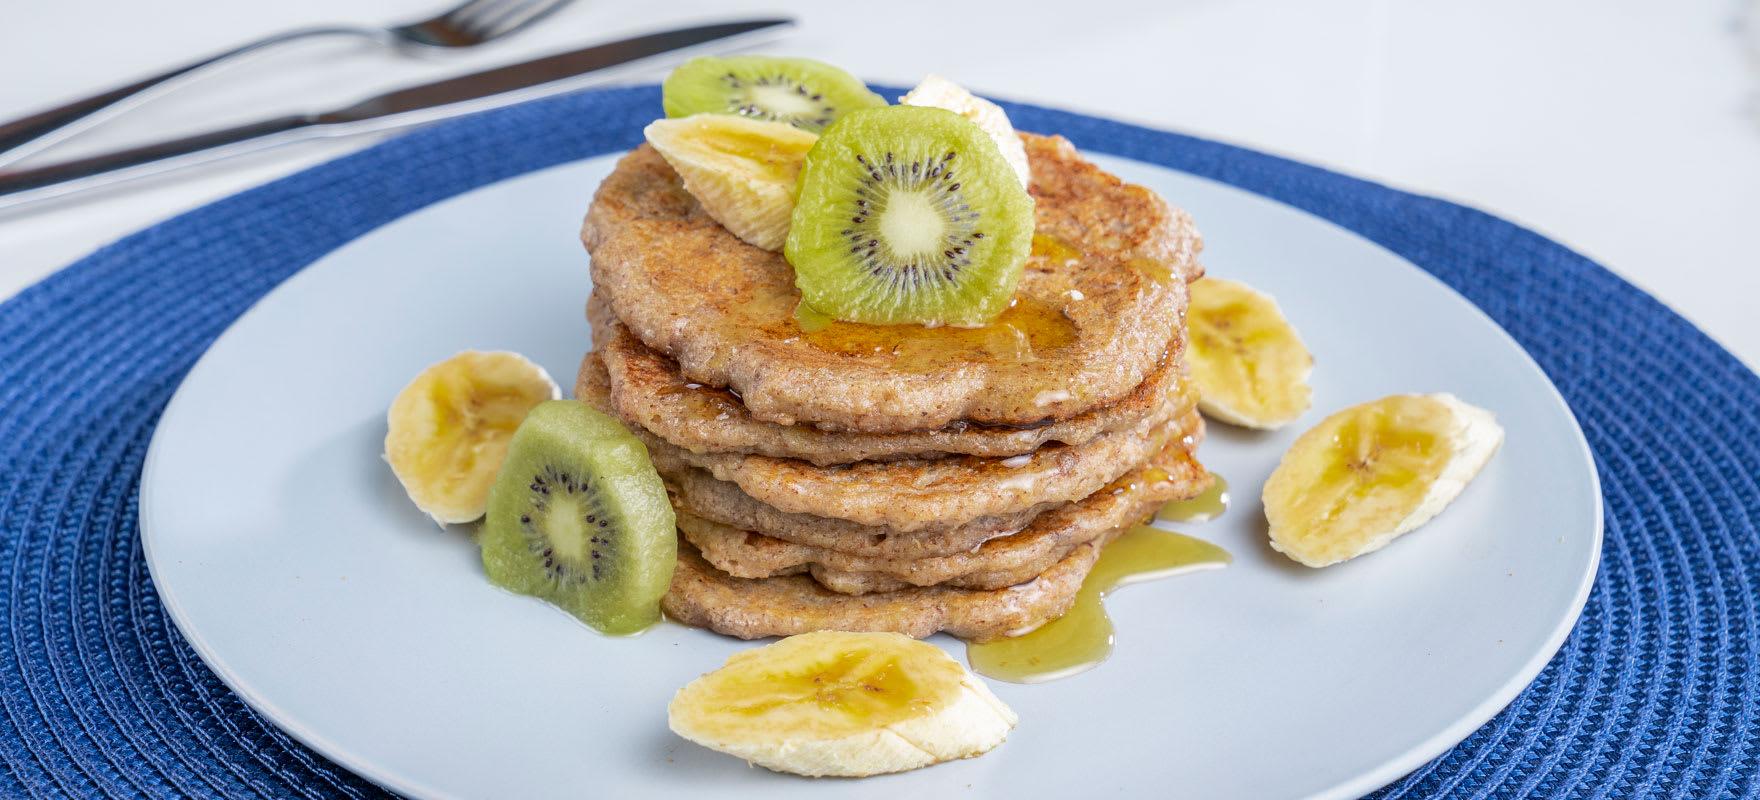 Gluten free Weet-Bix™ and banana pancakes image 1